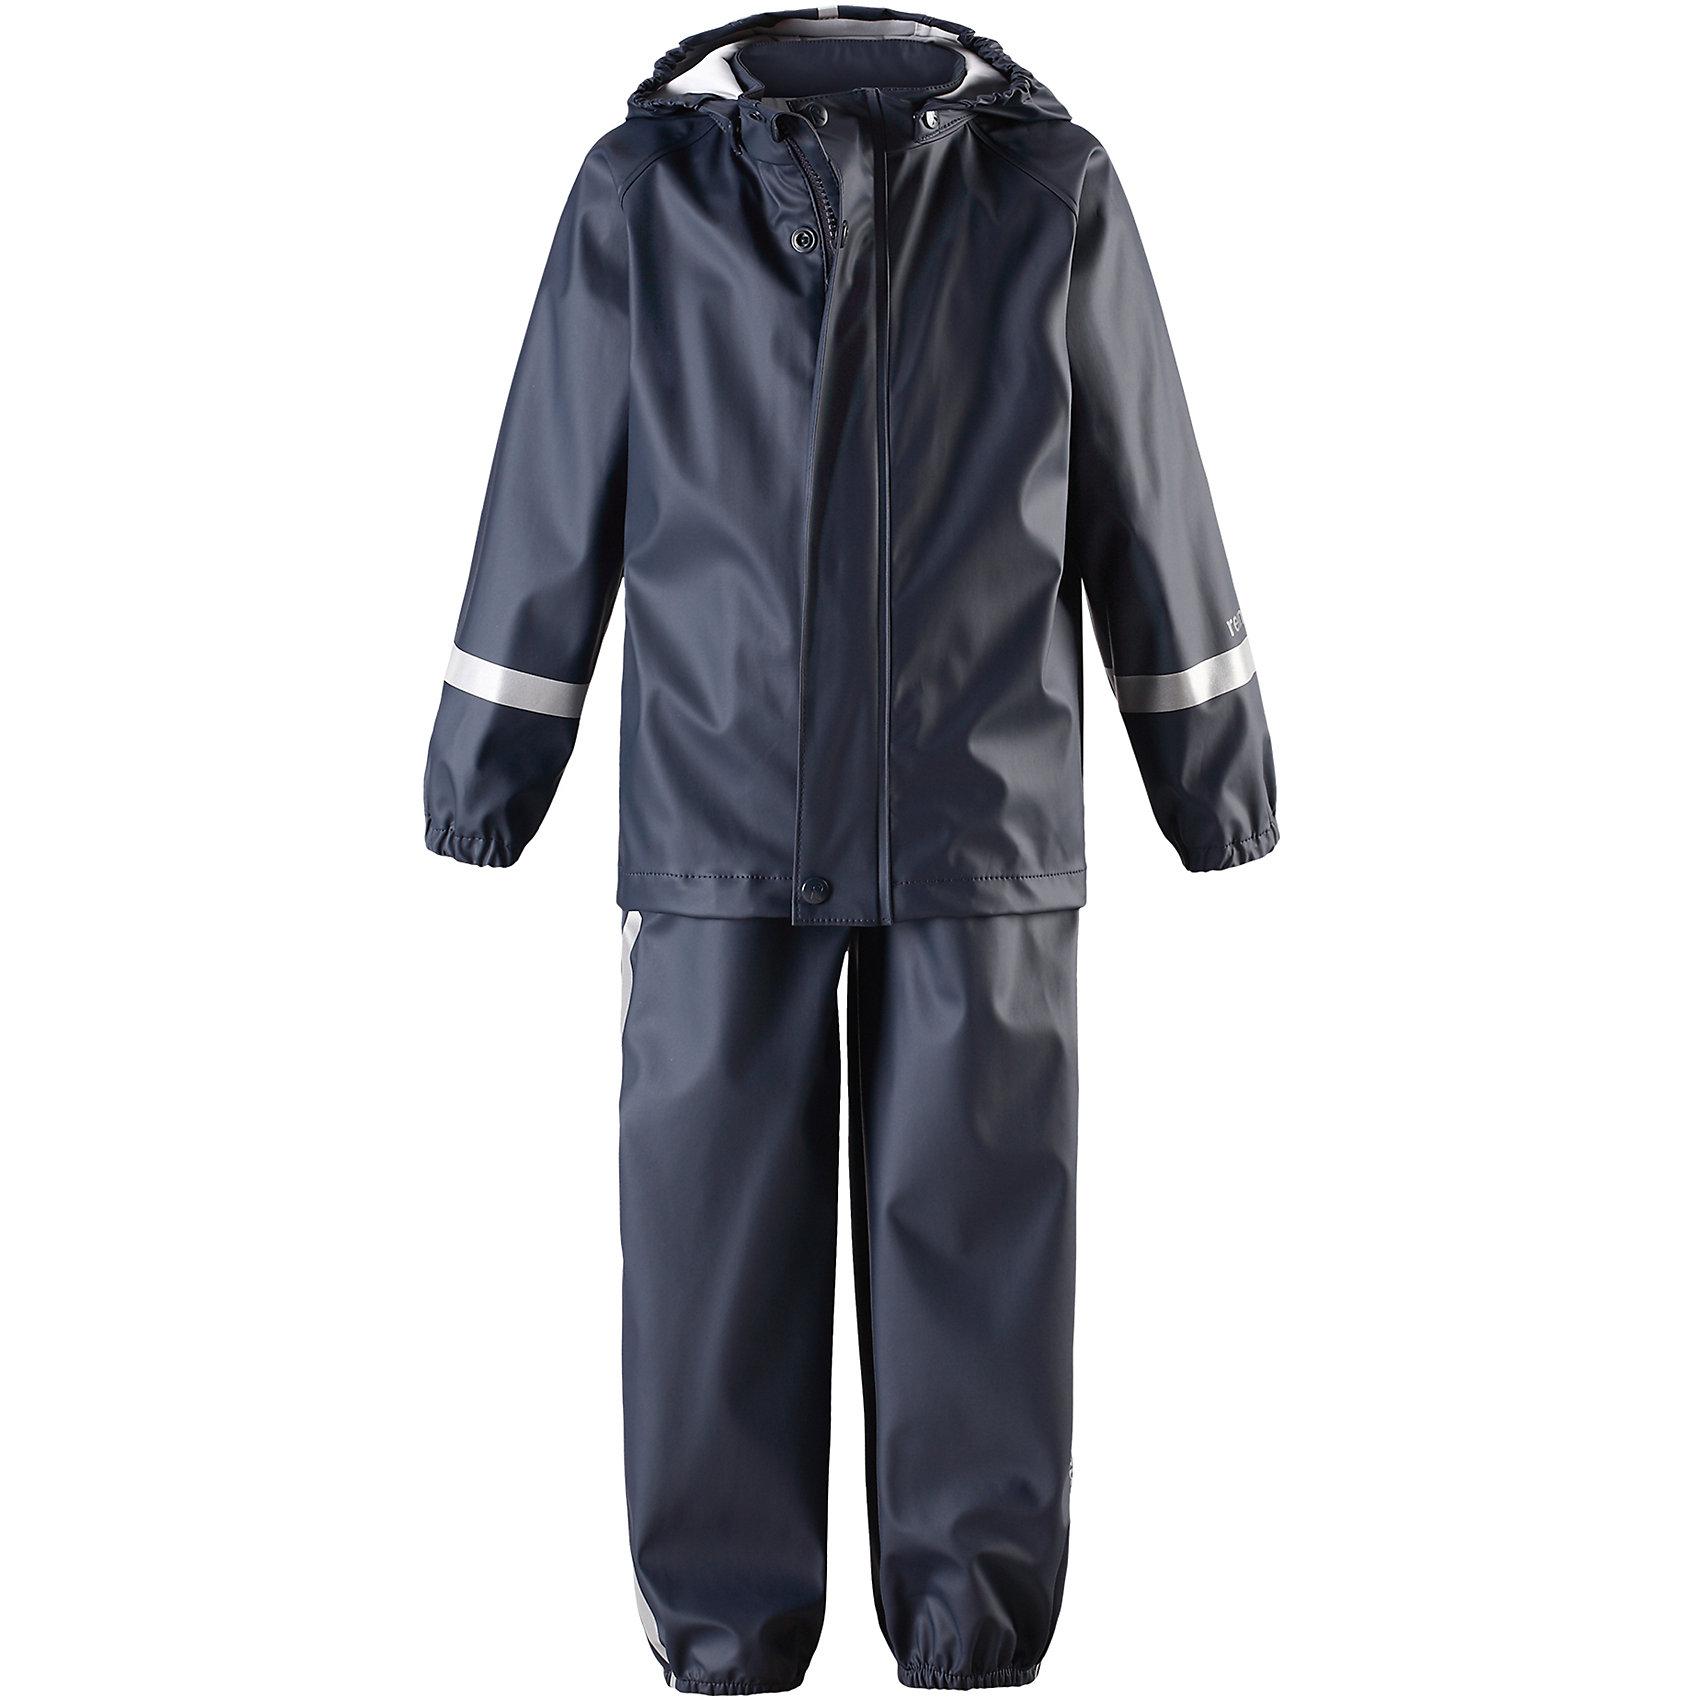 Непромокаемый комплект Tihku: куртка и брюки для мальчика ReimaОдежда<br>Характеристики товара:<br><br>• цвет: темно-синий<br>• состав: 100% полиэстер, полиуретановое покрытие<br>• температурный режим: от +10°до +20°С<br>• водонепроницаемость: 10000 мм<br>• без утеплителя<br>• комплектация: куртка, штаны<br>• водонепроницаемый материал с запаянными швами<br>• эластичный материал<br>• не содержит ПВХ<br>• безопасный съемный капюшон<br>• эластичные манжеты <br>• регулируемая талия<br>• эластичные манжеты на брючинах<br>• комфортная посадка<br>• съемные эластичные штрипки <br>• регулируемые подтяжки<br>• спереди застёгивается на молнию<br>• светоотражающие детали<br>• страна производства: Китай<br>• страна бренда: Финляндия<br>• коллекция: весна-лето 2017<br><br>Демисезонный комплект из куртки и штанов поможет обеспечить ребенку комфорт и тепло. Предметы отлично смотрятся с различной одеждой. Комплект удобно сидит и модно выглядит. Материал отлично подходит для дождливой погоды. Стильный дизайн разрабатывался специально для детей.<br><br>Обувь и одежда от финского бренда Reima пользуются популярностью во многих странах. Они стильные, качественные и удобные. Для производства продукции используются только безопасные, проверенные материалы и фурнитура.<br><br>Комплект: куртка и брюки для мальчика от финского бренда Reima (Рейма) можно купить в нашем интернет-магазине.<br><br>Ширина мм: 356<br>Глубина мм: 10<br>Высота мм: 245<br>Вес г: 519<br>Цвет: синий<br>Возраст от месяцев: 48<br>Возраст до месяцев: 60<br>Пол: Мужской<br>Возраст: Детский<br>Размер: 110,92,98,86,80,116,104,74<br>SKU: 5265427